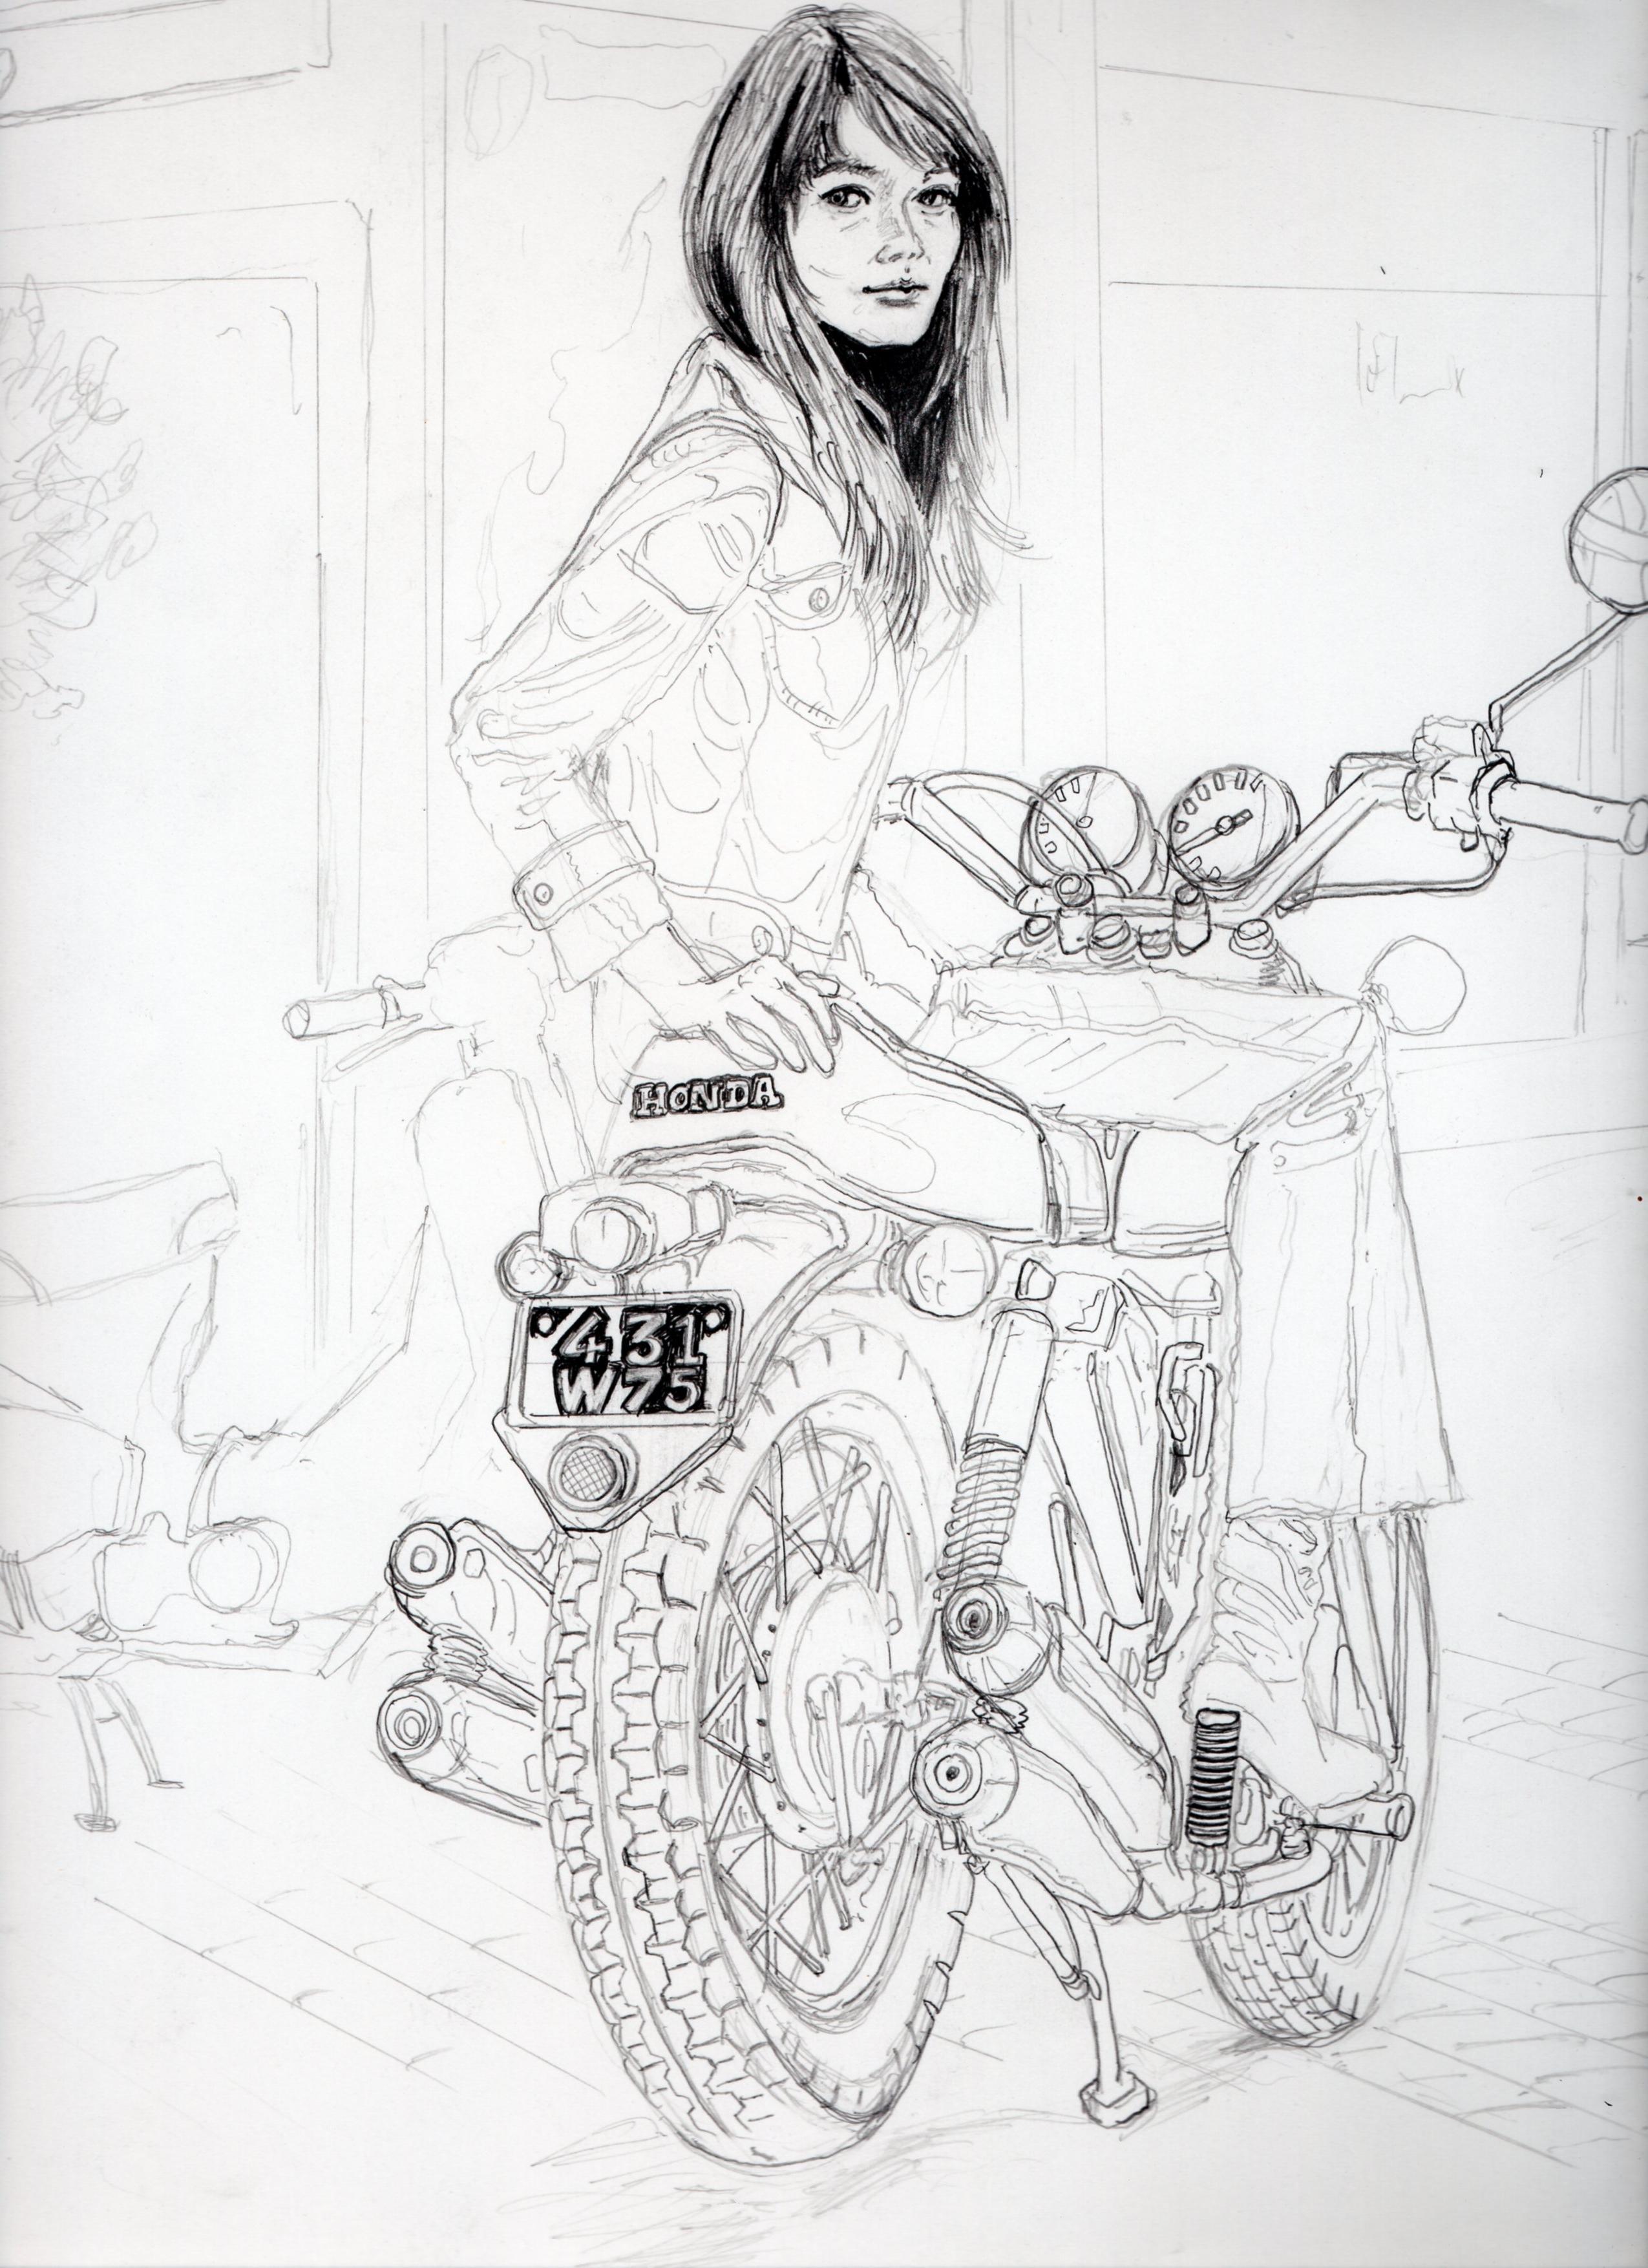 フランソワーズ・アルディの鉛筆画似顔絵途中経過